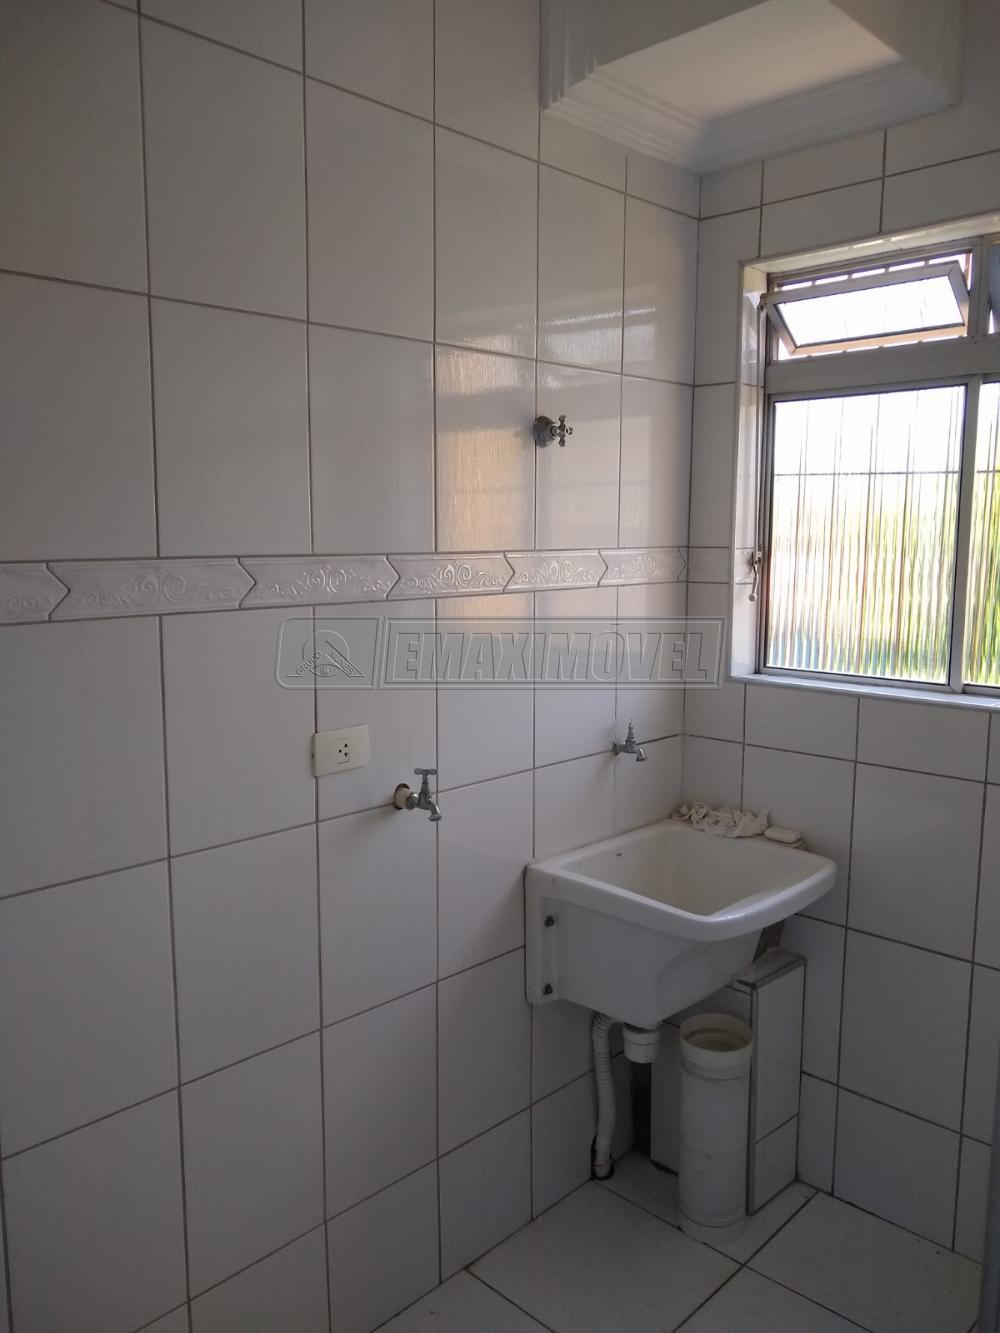 Comprar Apartamentos / Apto Padrão em Sorocaba apenas R$ 380.000,00 - Foto 12